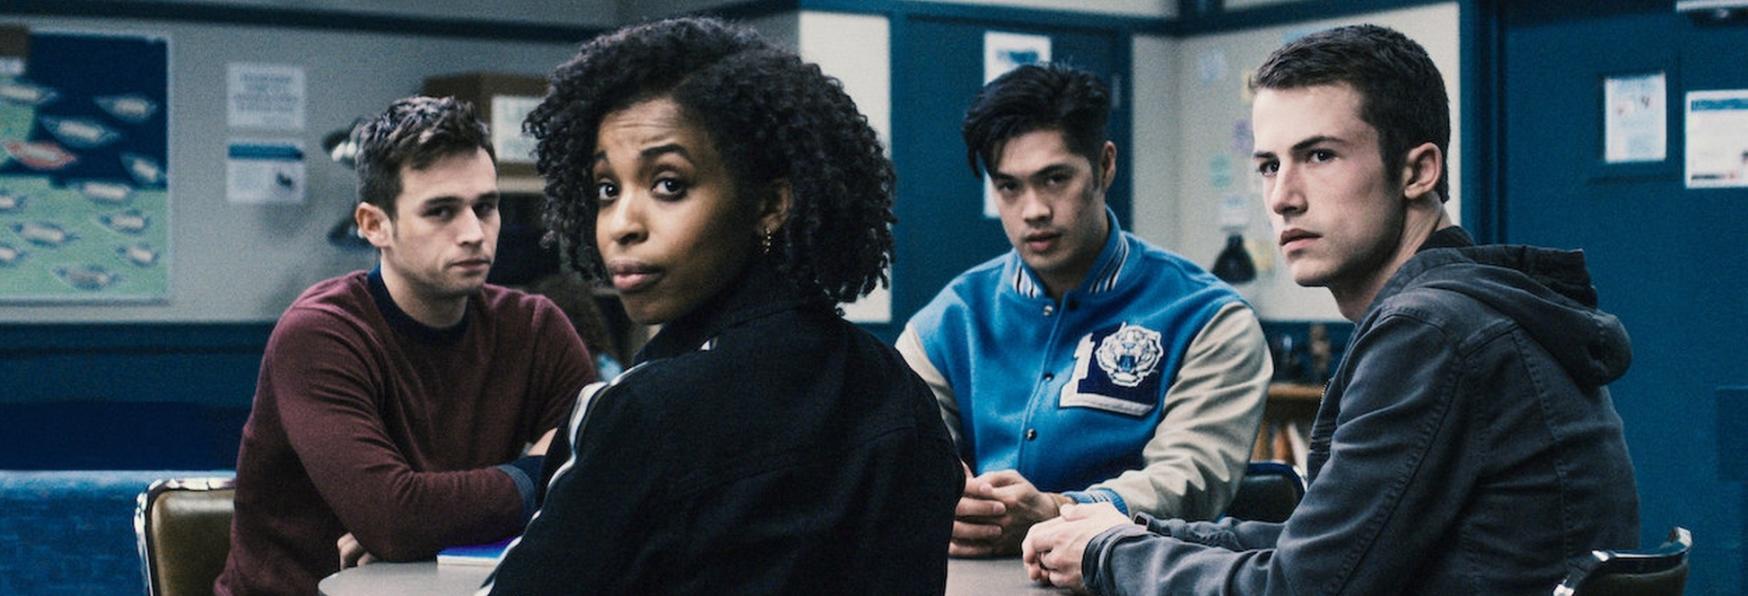 Tredici 4: il nuovo Trailer anticipa Tragico Epilogo per la Serie TV?